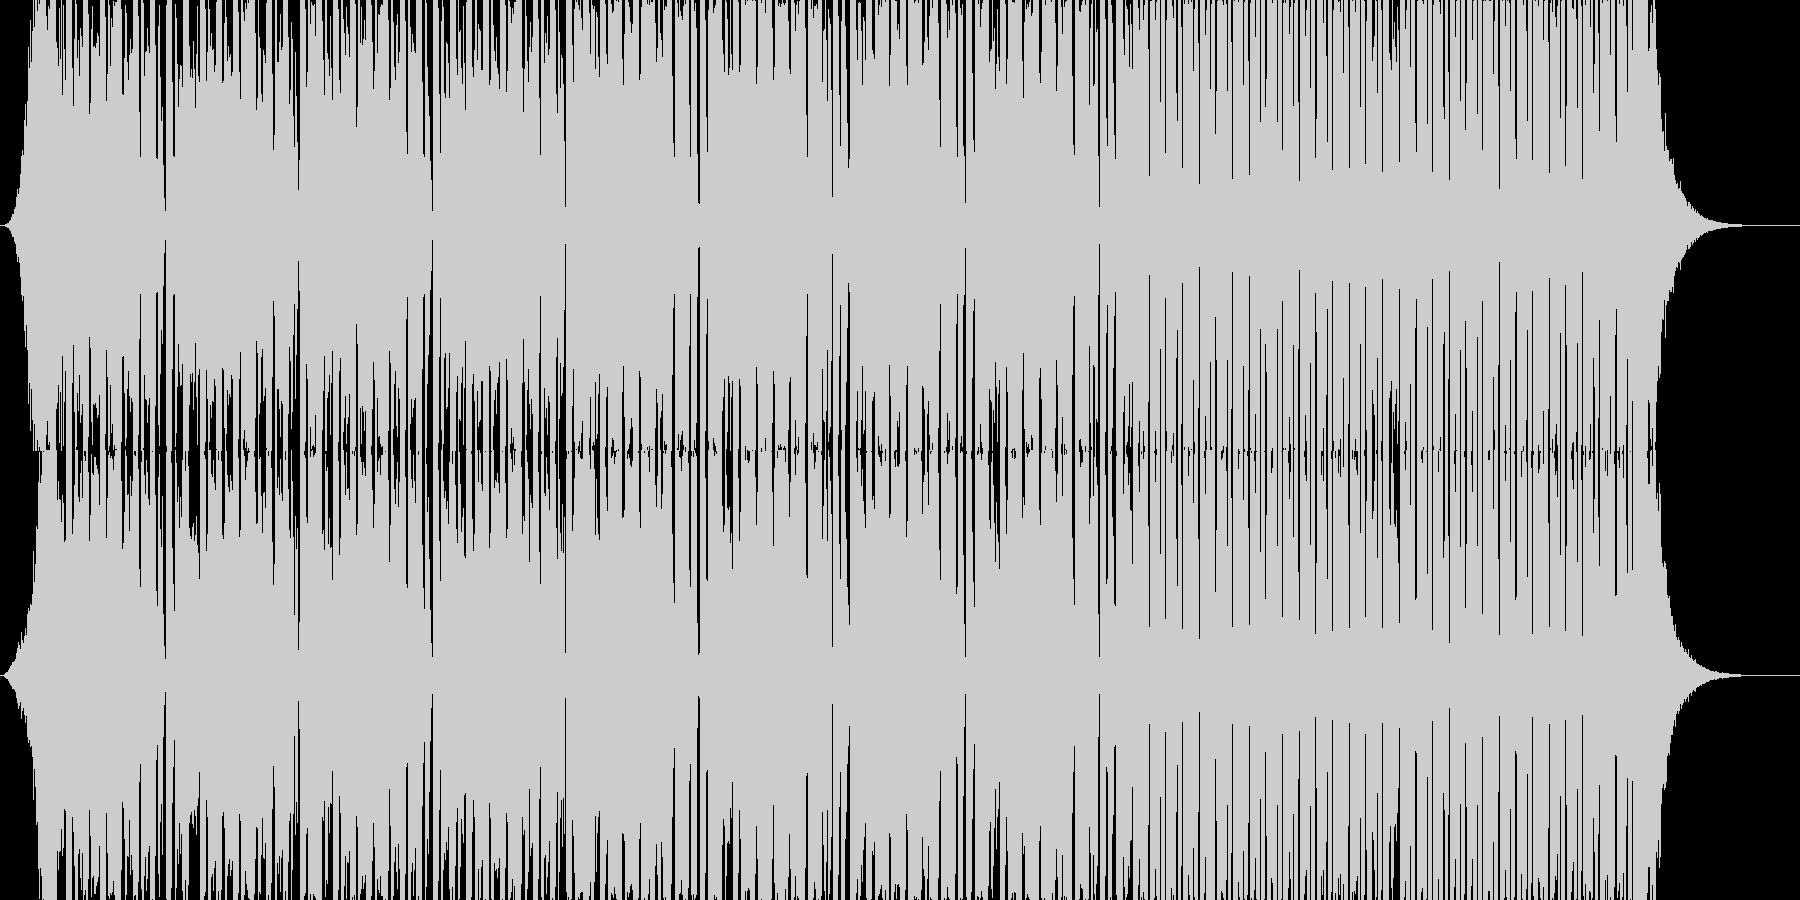 ノリノリでトリッキーなEDMの未再生の波形